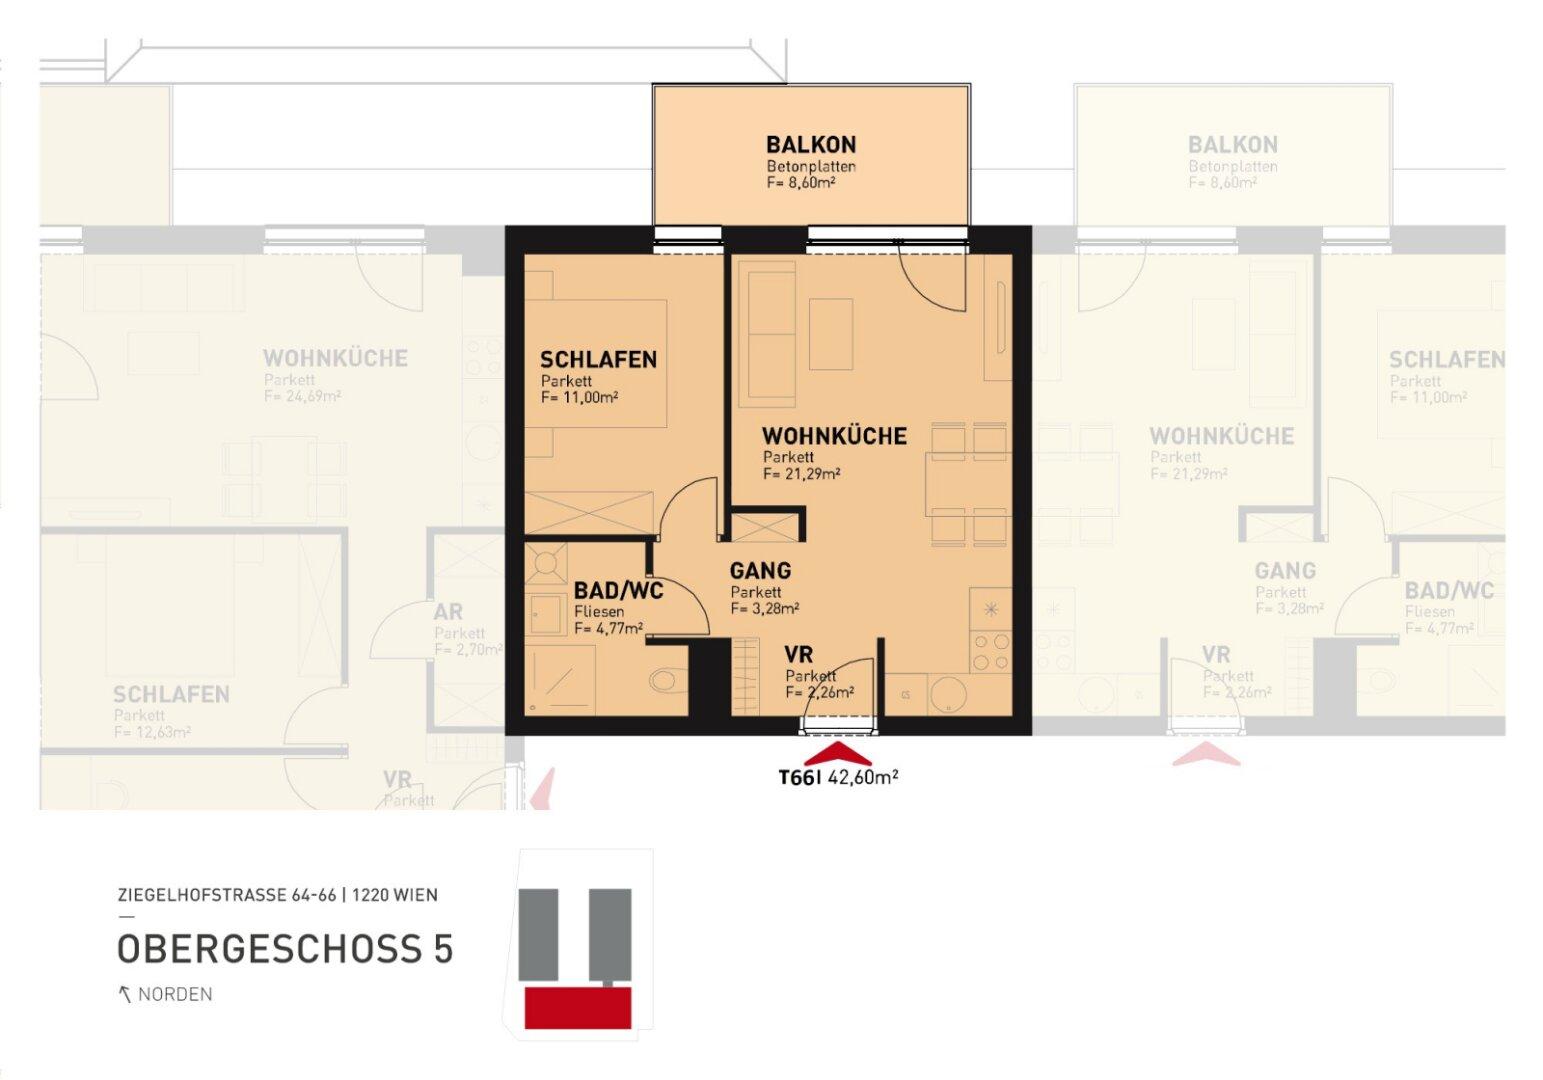 Grundriss: Ziegelhofstraße 64-66